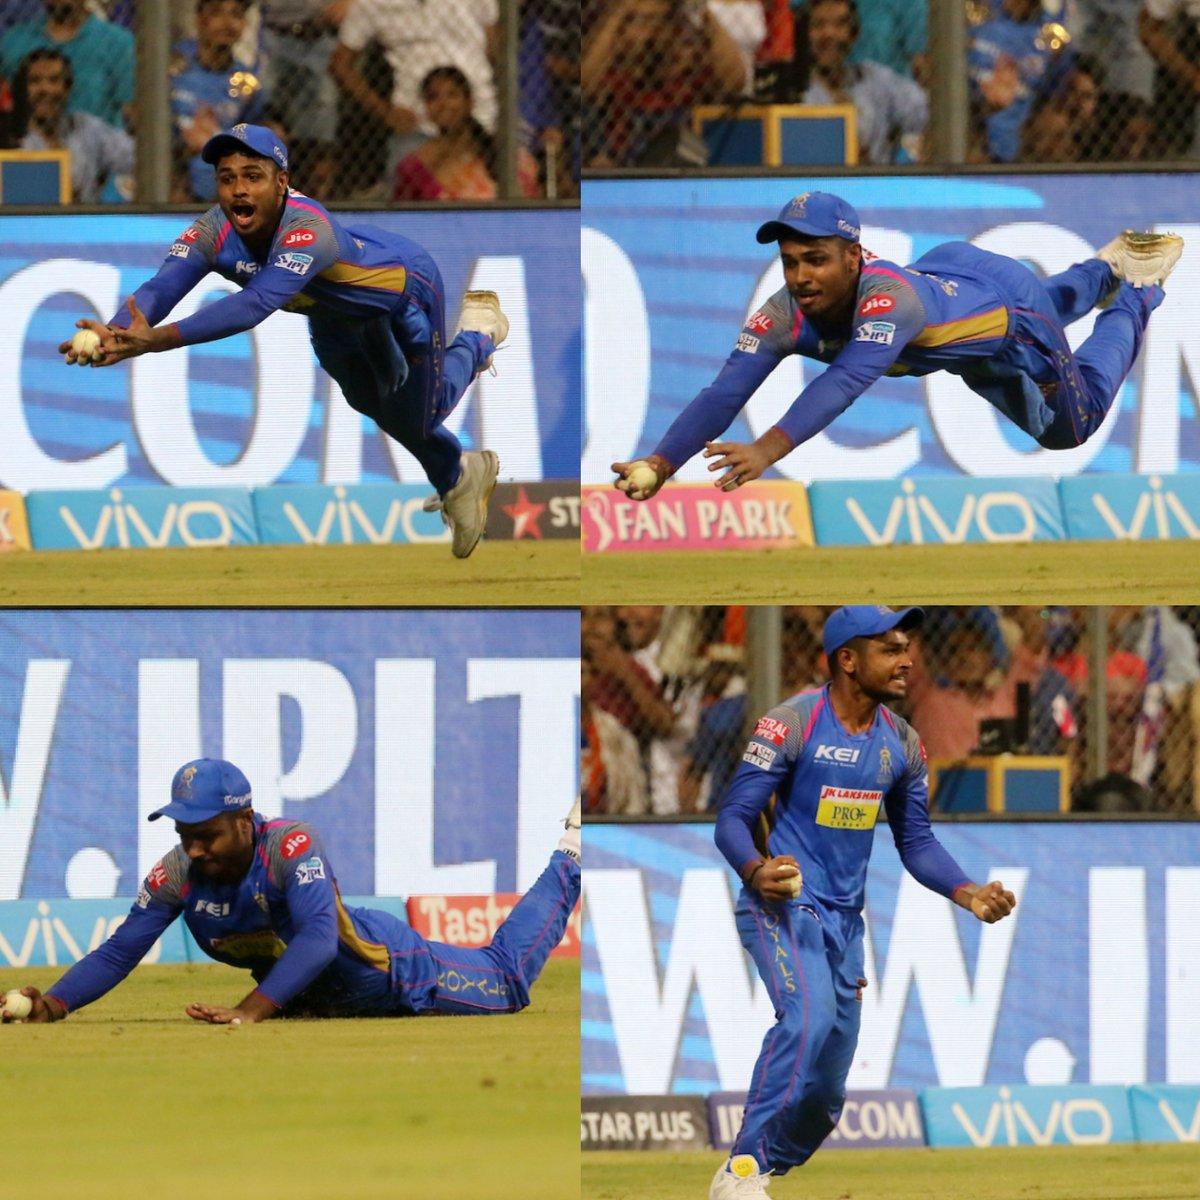 विडियो: एक बार फिर से मैदान में सुपरमैन बने संजू सैमसन, लिया हैरान कर देना वाला कैच 14